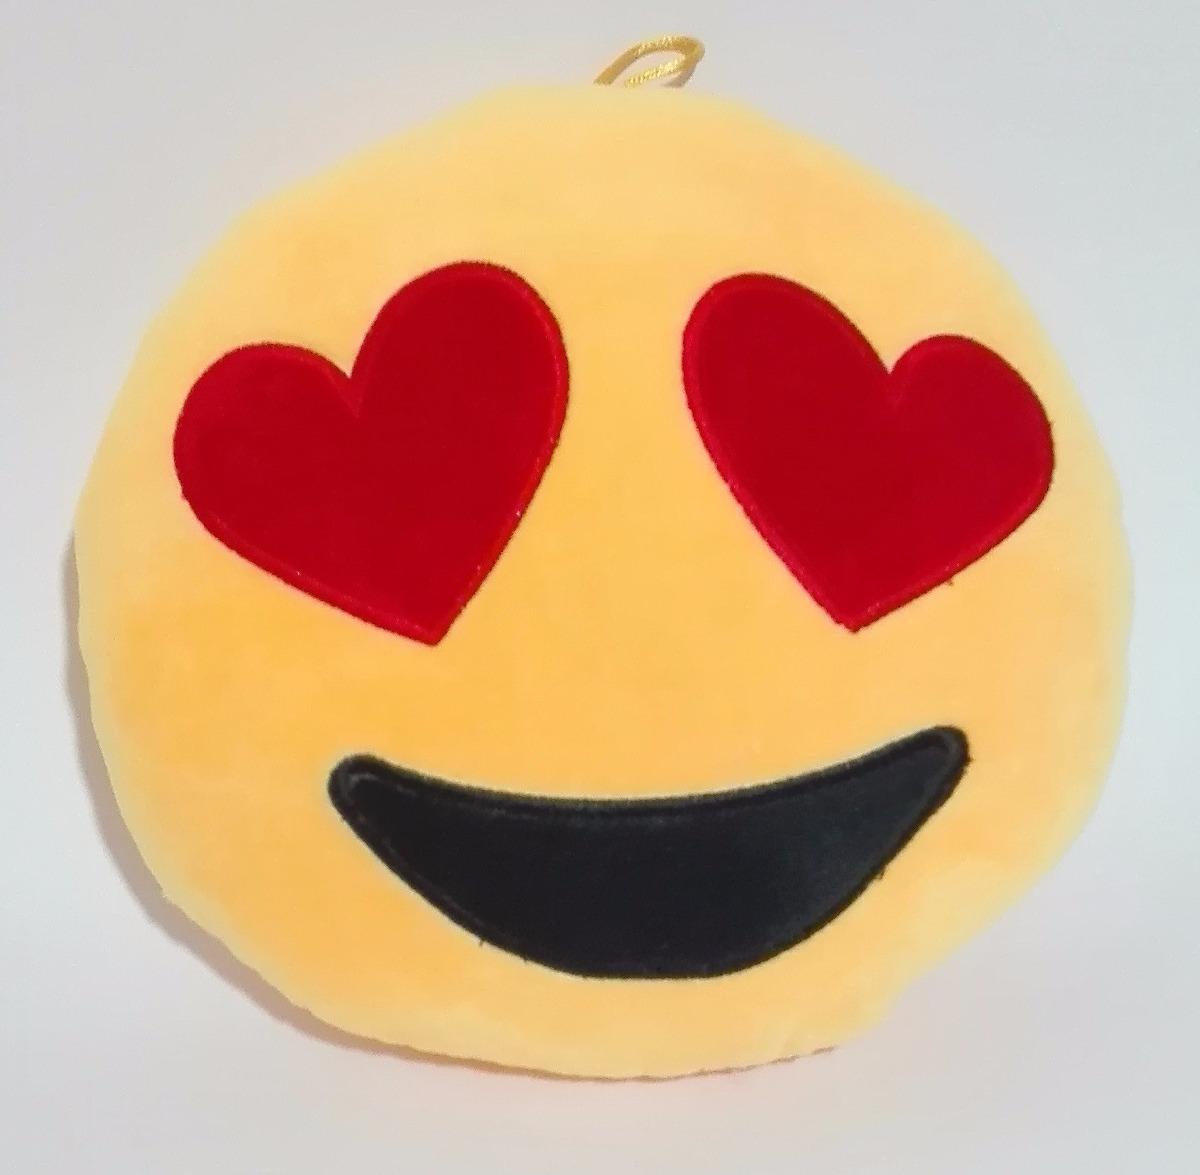 emoji emoticones peluches caritas enamorados 20 000 en mercado libre